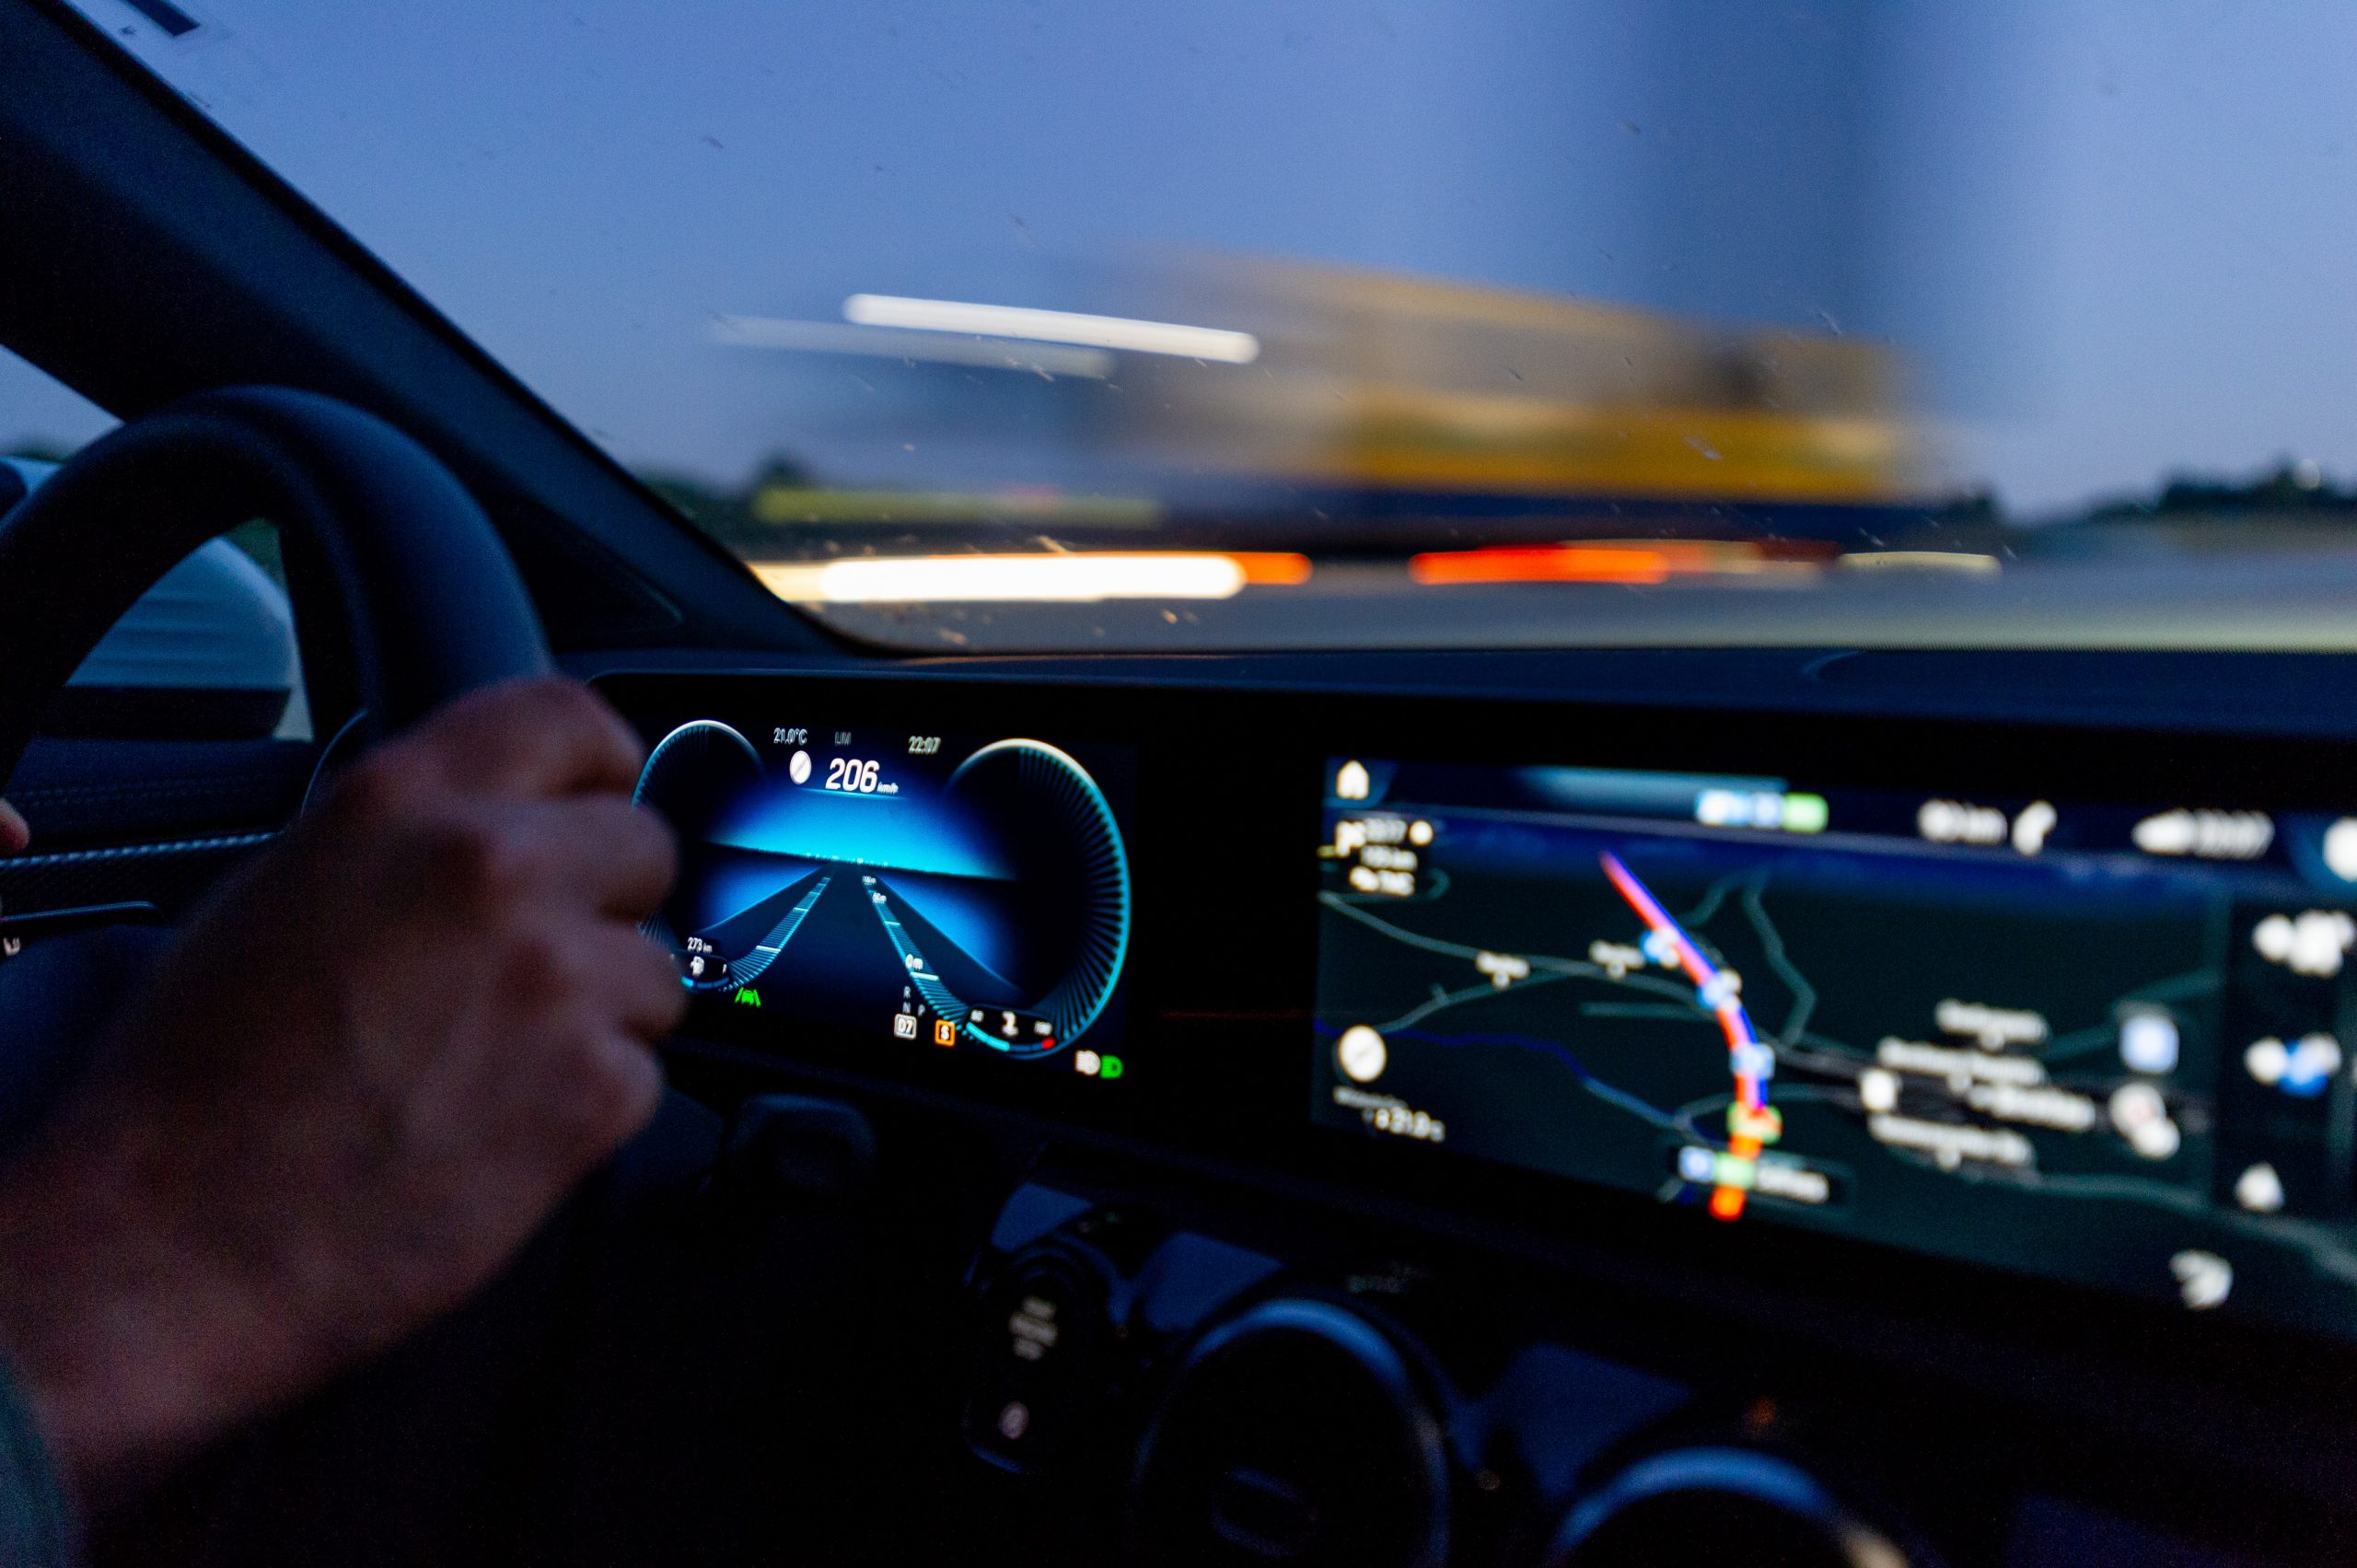 Mercedes rijdt 200+ op de Autobahn